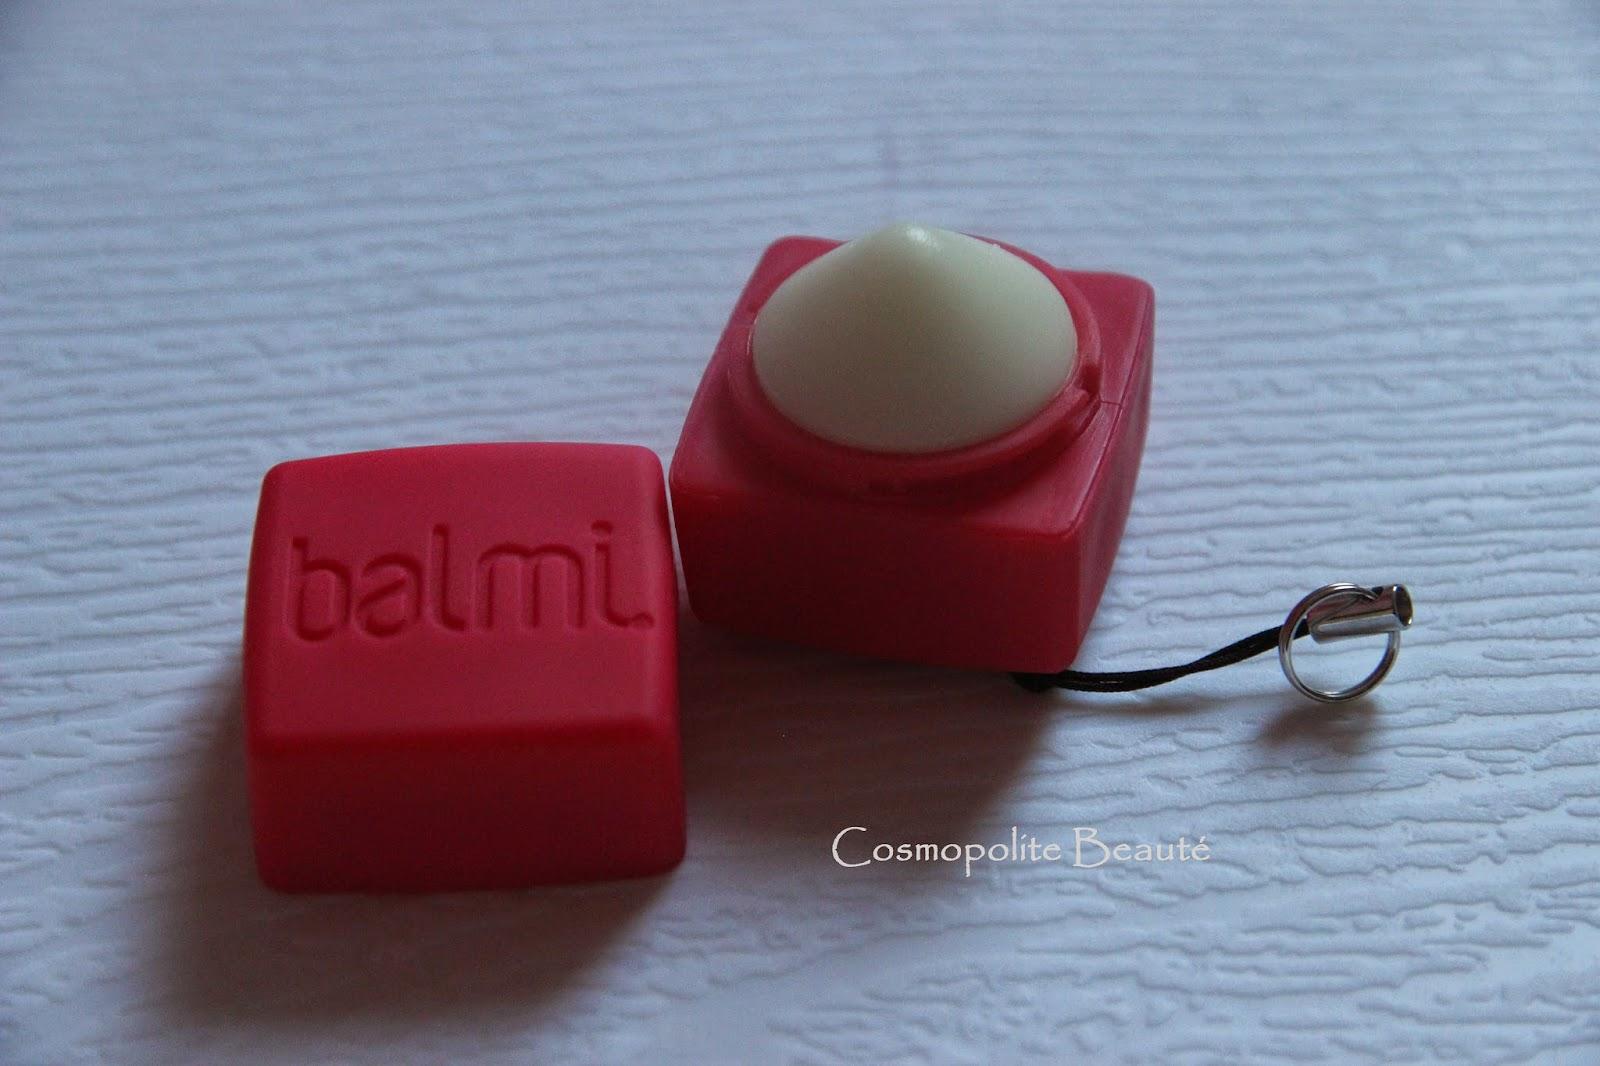 balmi, baume à lèvres, soin des lèvres, lips care, cosmopolite beauté, cosmopolitan beauty